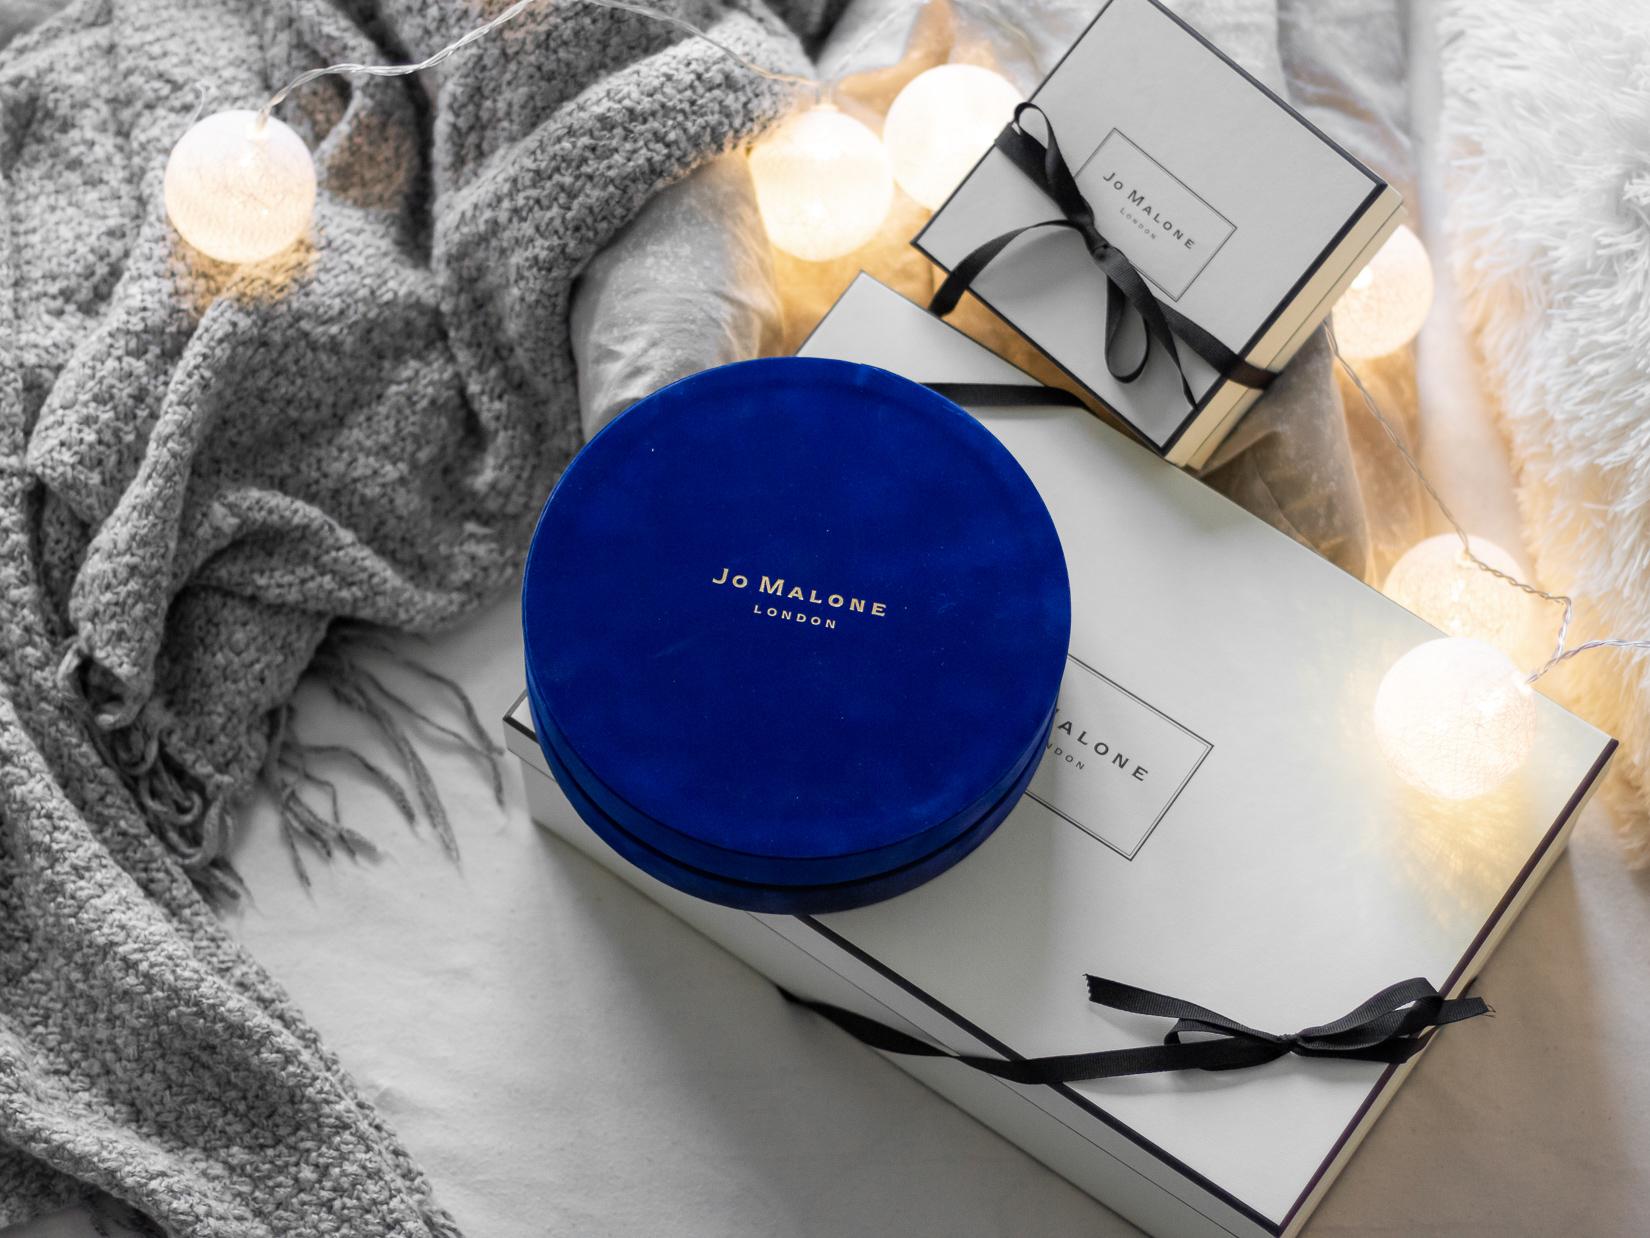 tipy na dárky jo malone vánoce 2019